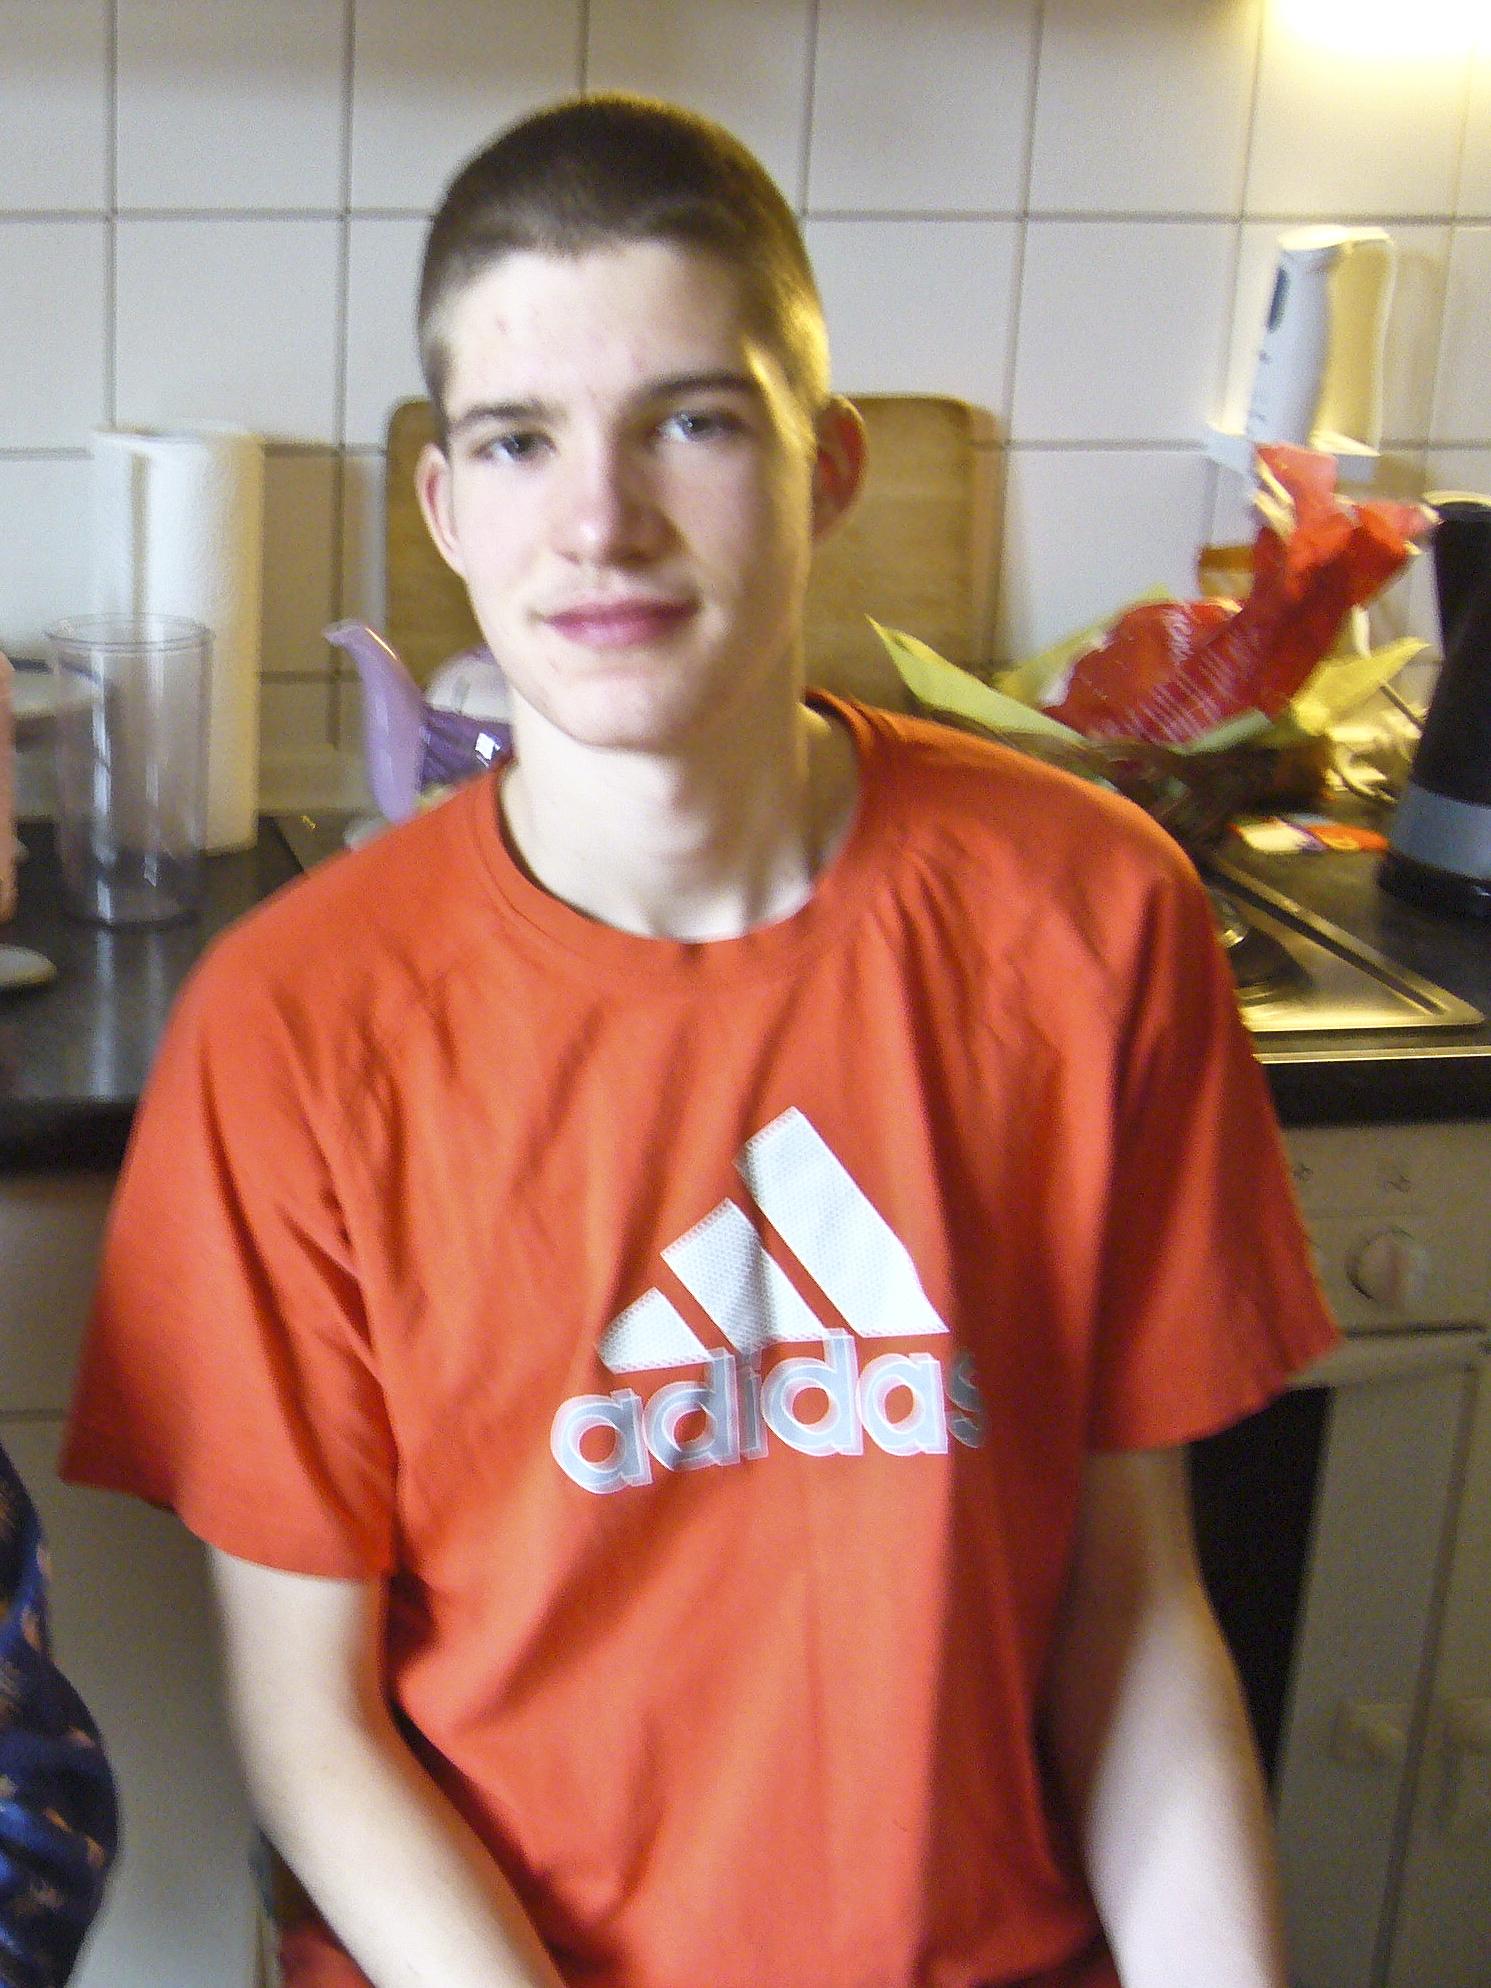 Deutscher Teenager verbreitet sie aber zum Arschlecken und Muschificken